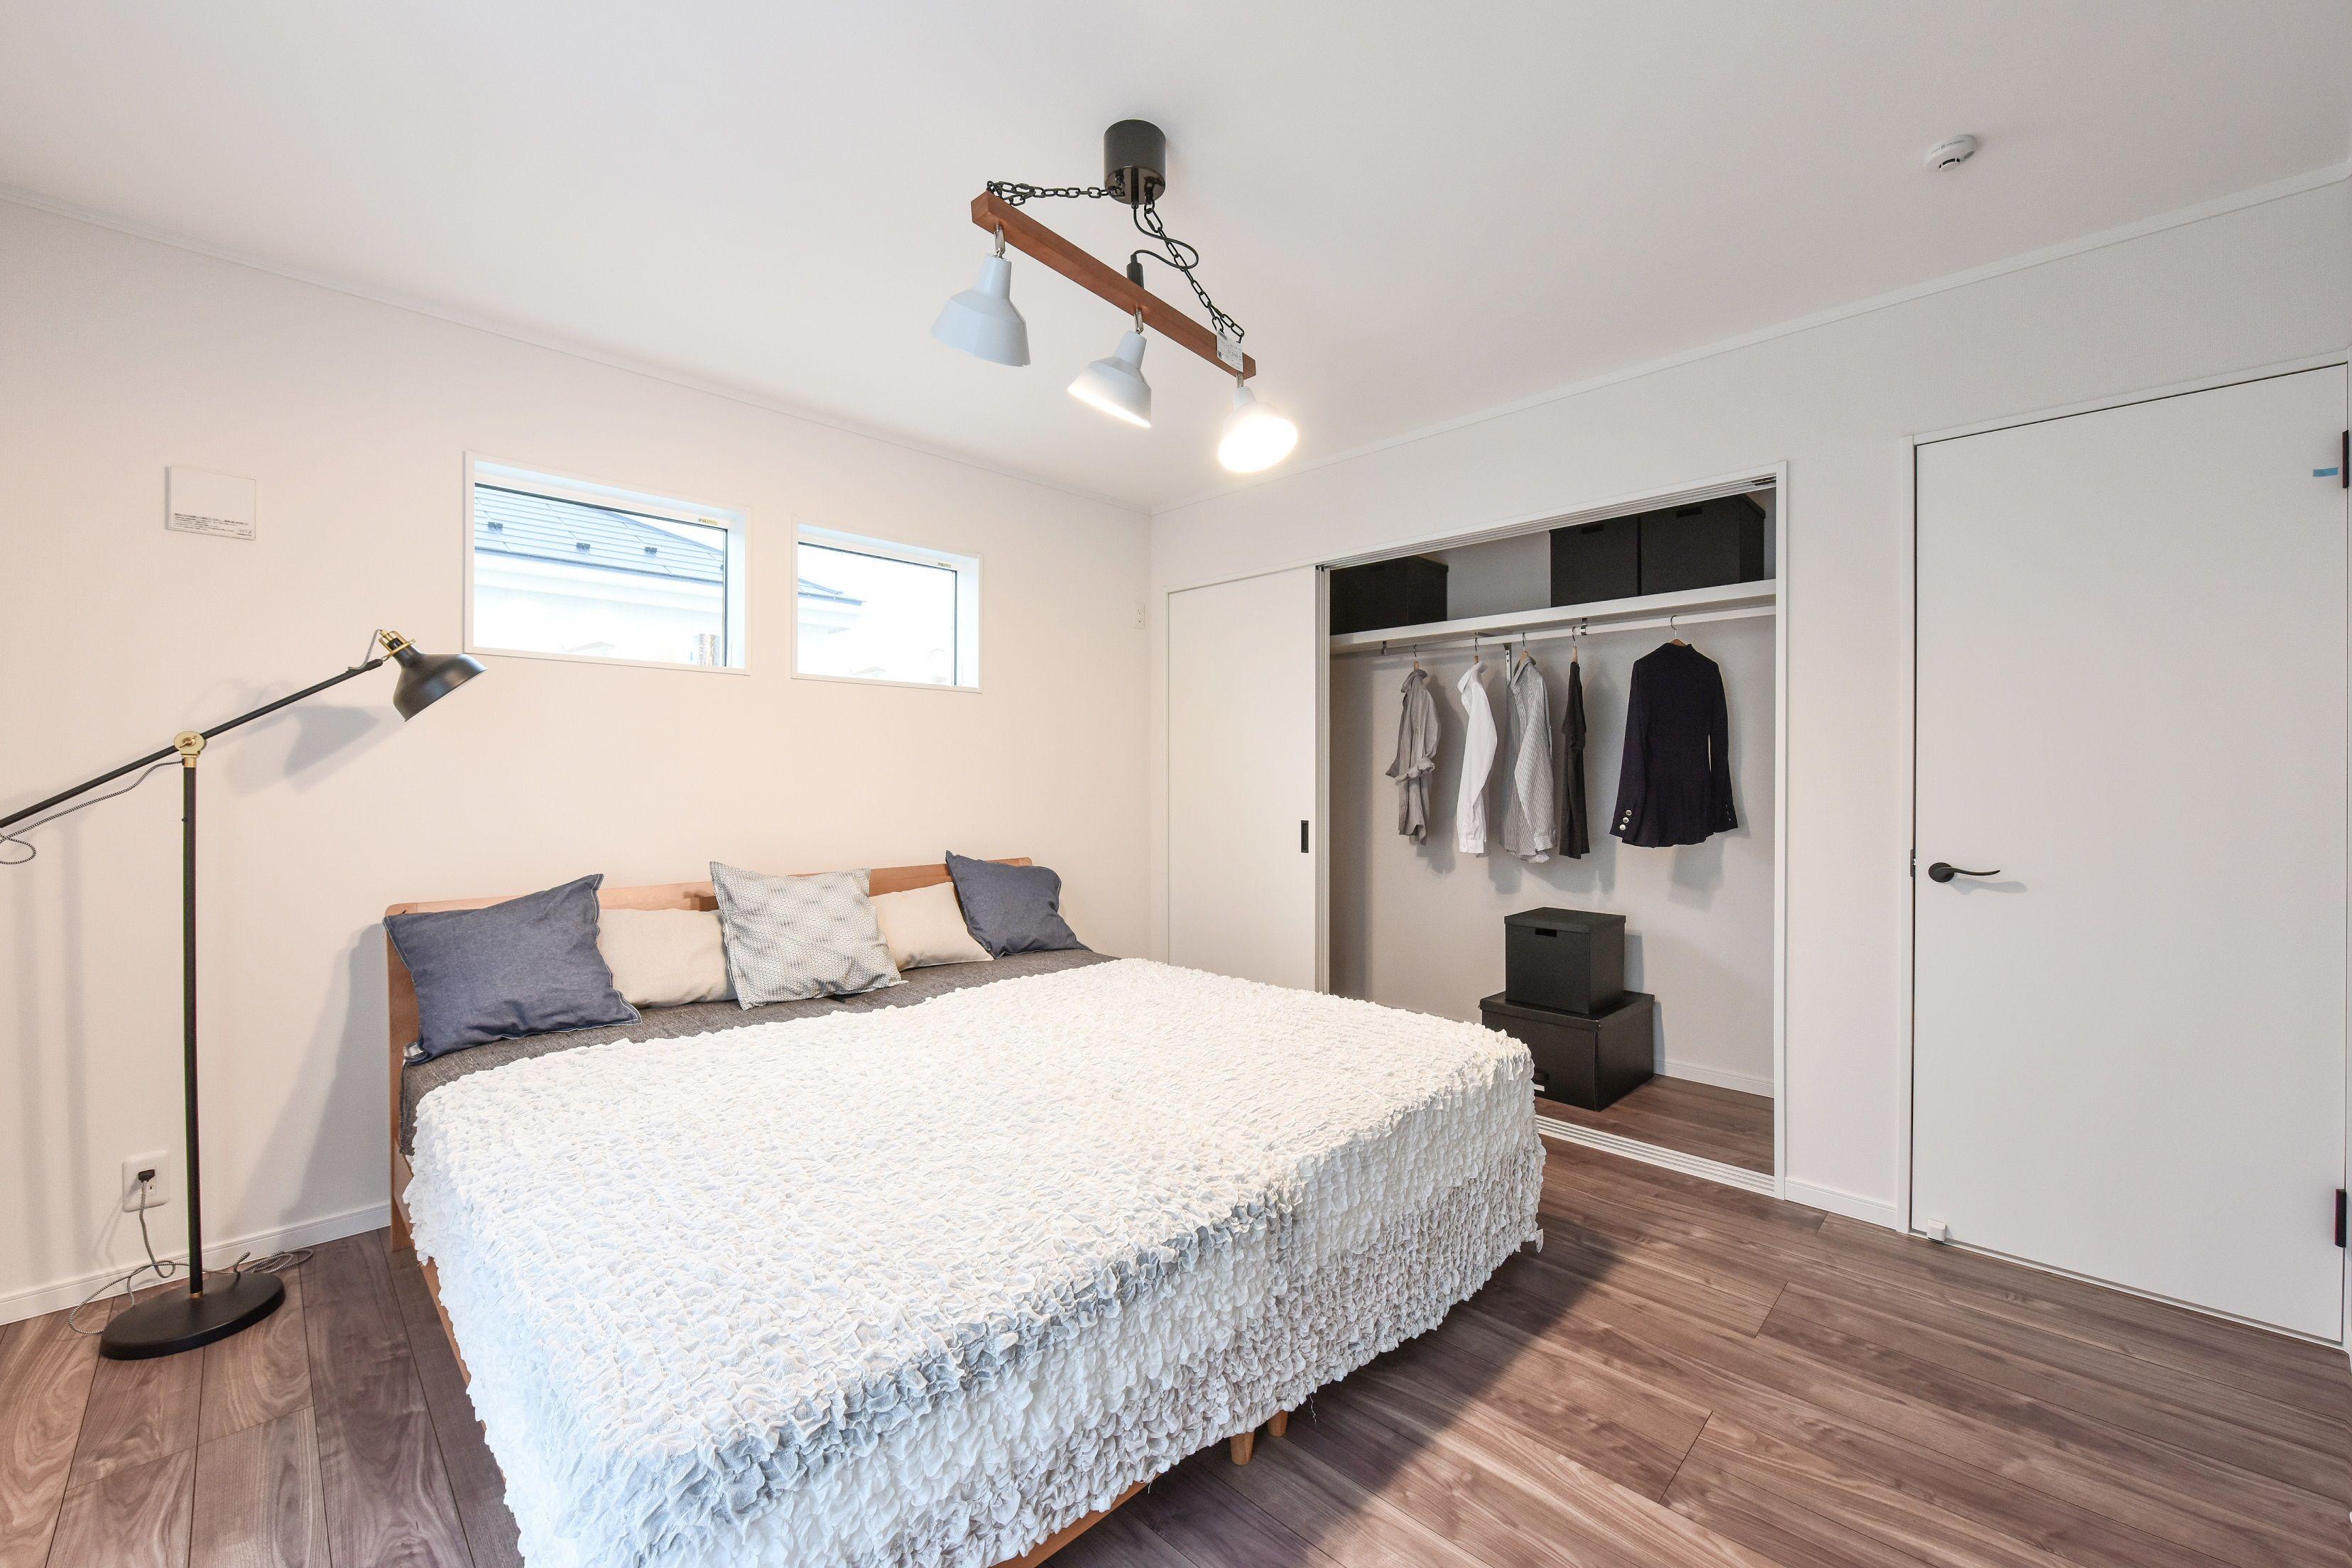 たっぷり収納で広々主寝室 主寝室の広さも 収納の形も思い通りに ホワイトインテリアでまとめ すっきりとした空間に ローコスト 注文 住宅 寝室 ローコスト住宅